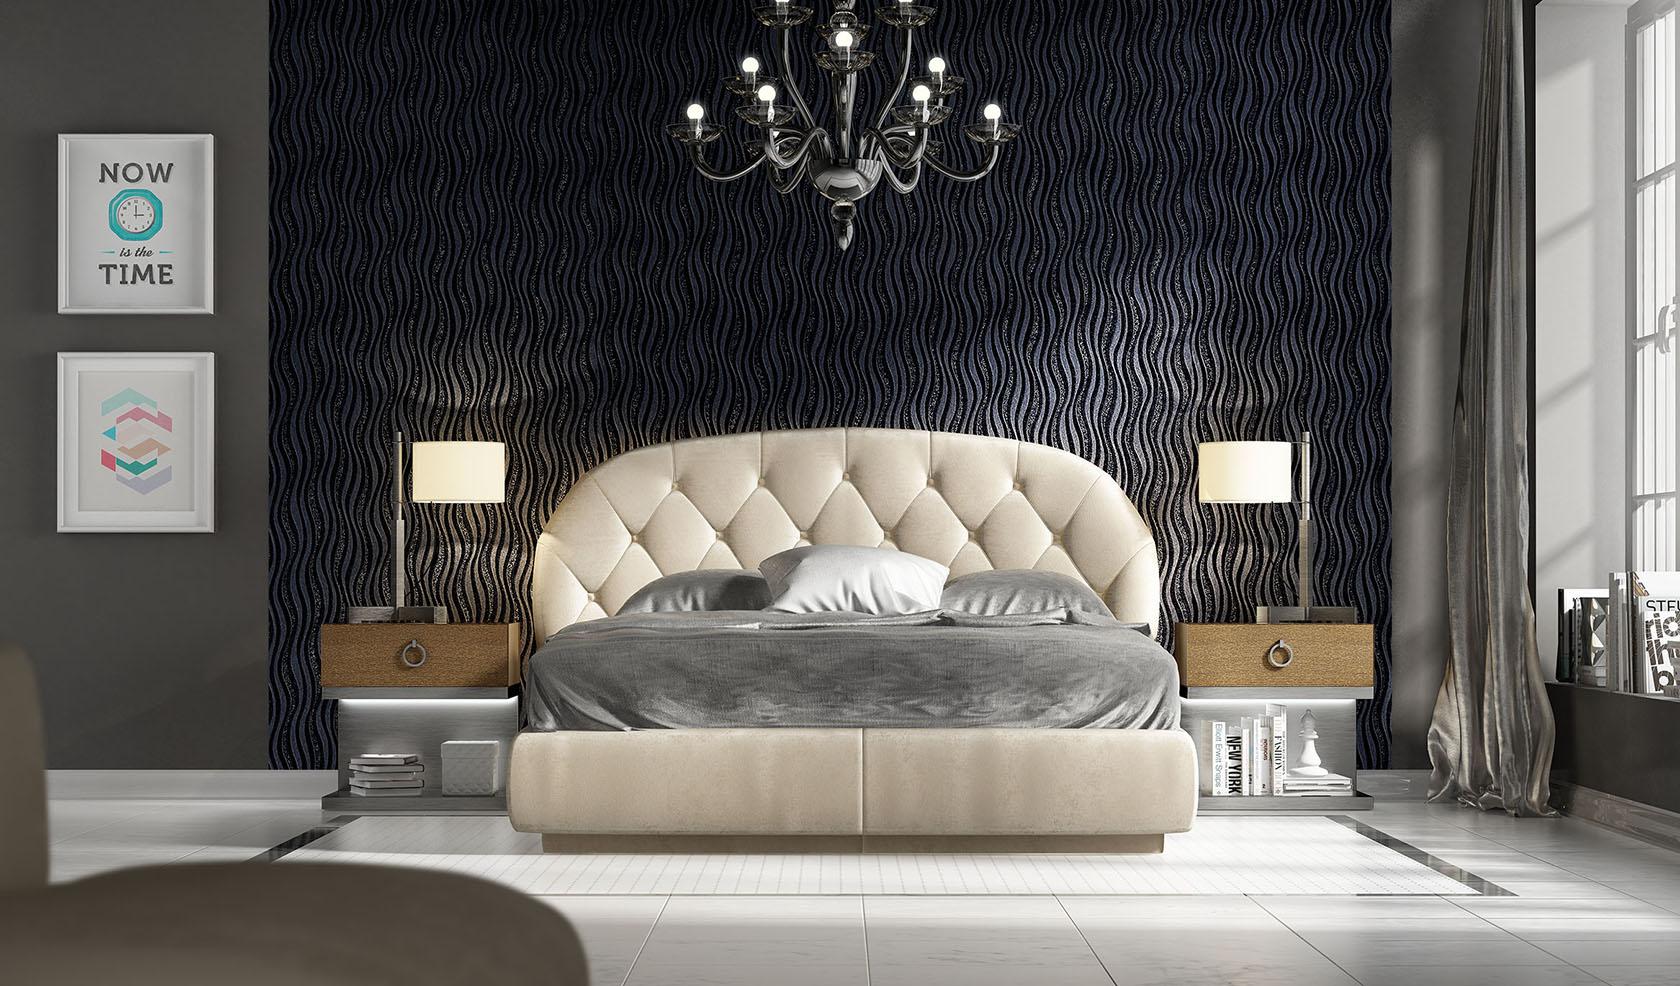 Dormitorios_Contempóraneos_(22)